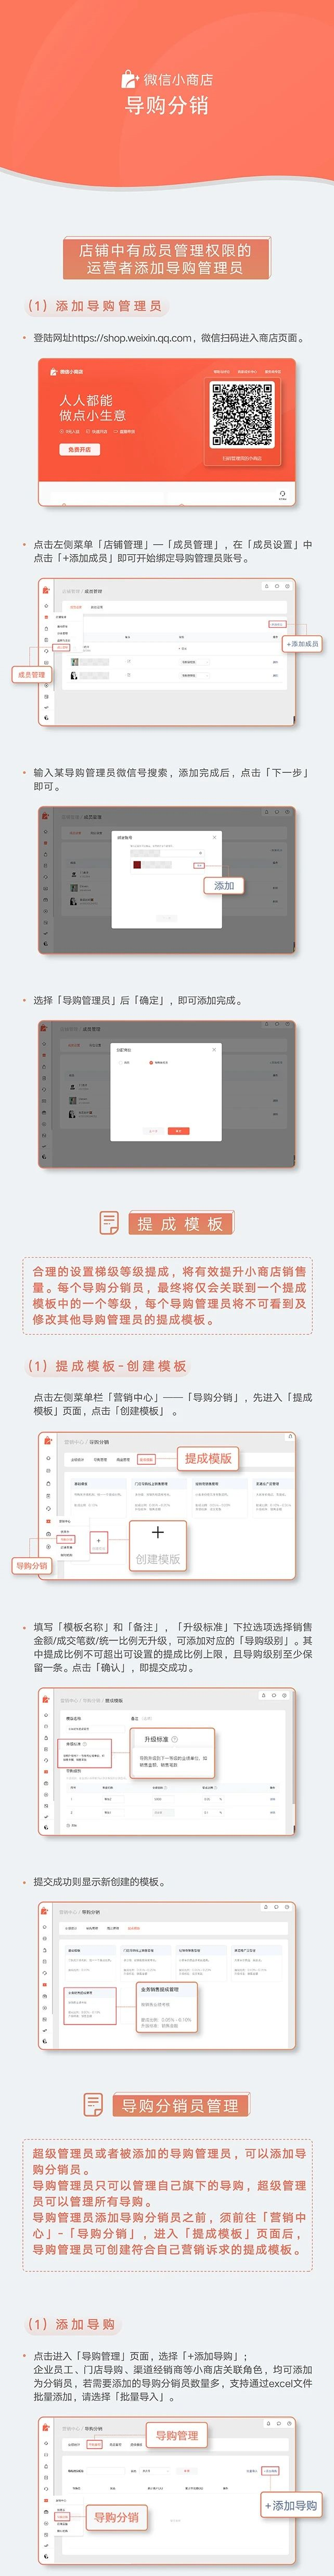 微信小商店导购分销-使用指引!